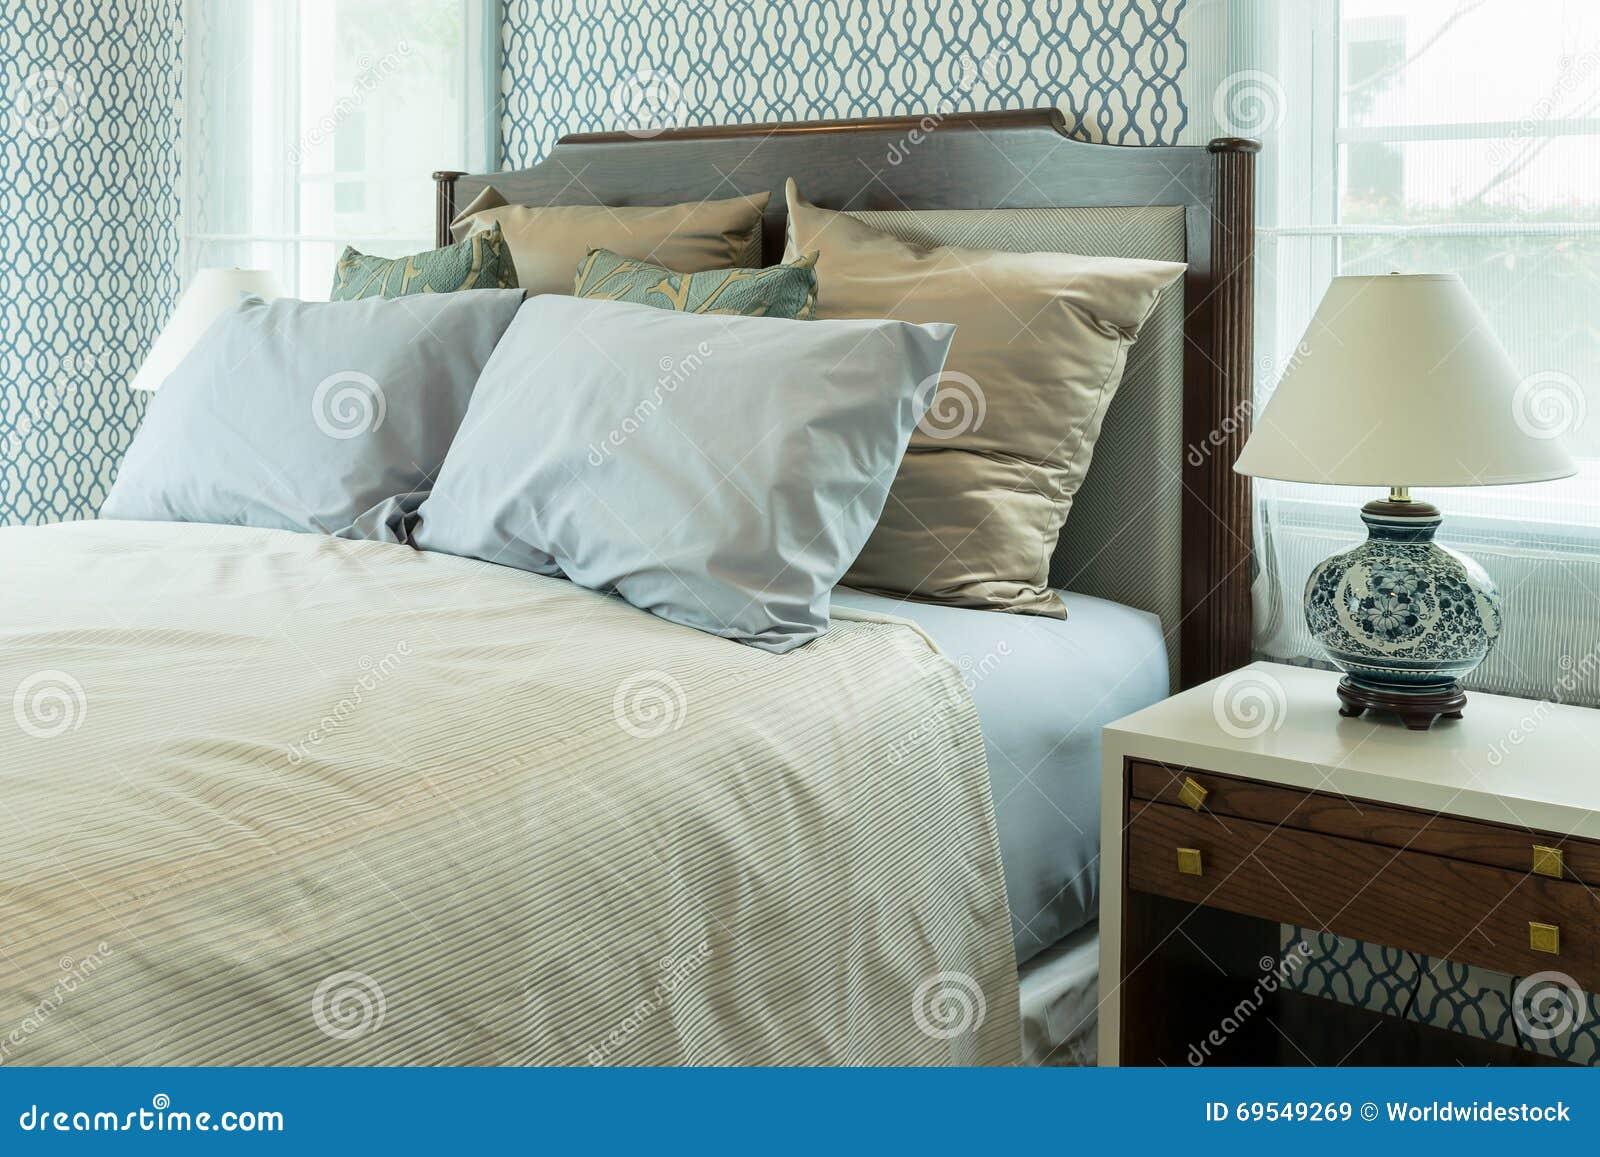 Blauwe Slaapkamer Lamp : Klassieke slaapkamer met blauwe hoofdkussens en chinese lamp stock